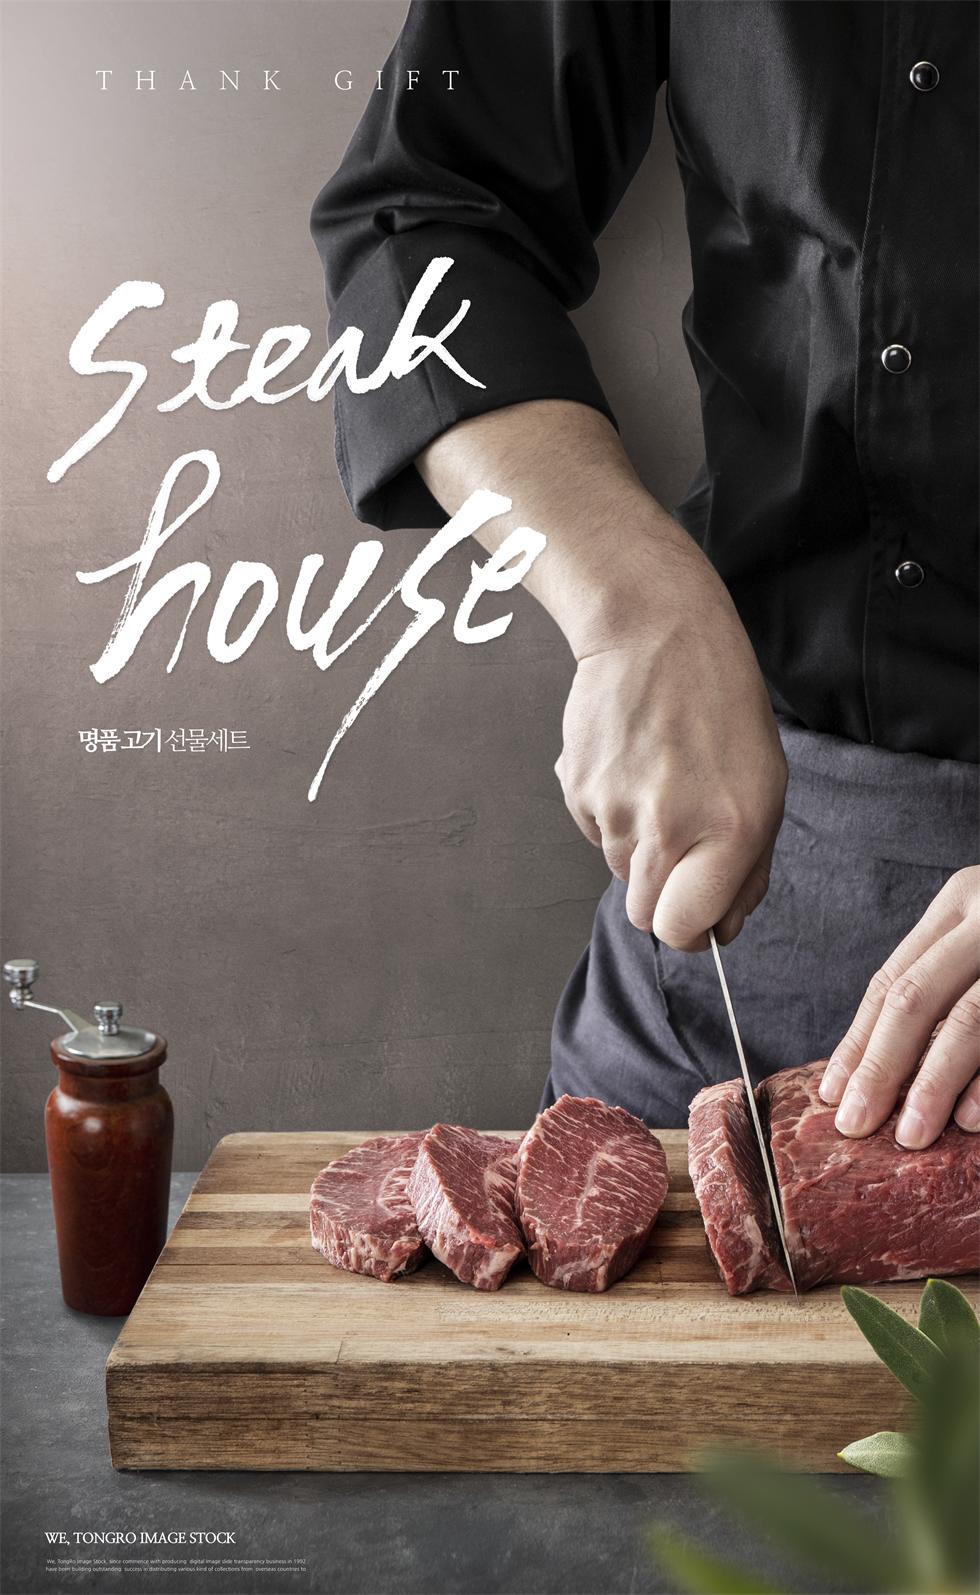 创意烤肉海报设计